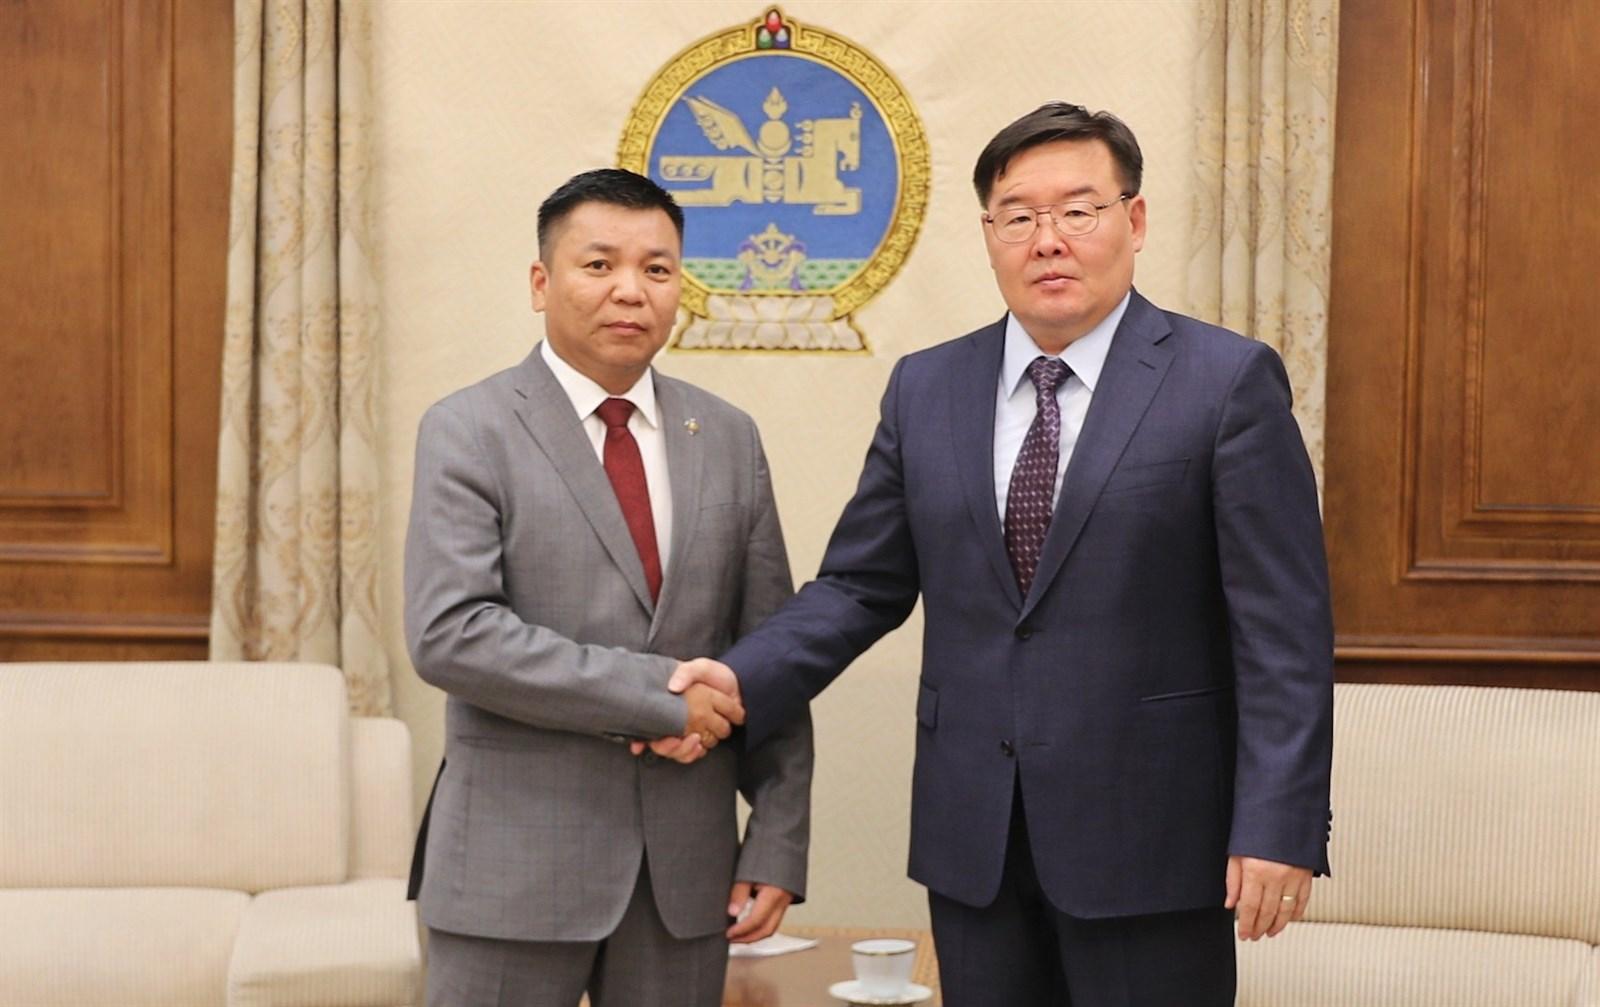 Монгол Улсын Их Хурлын тогтоолд өөрчлөлт оруулах тухай тогтоолын төсөл өргөн барилаа